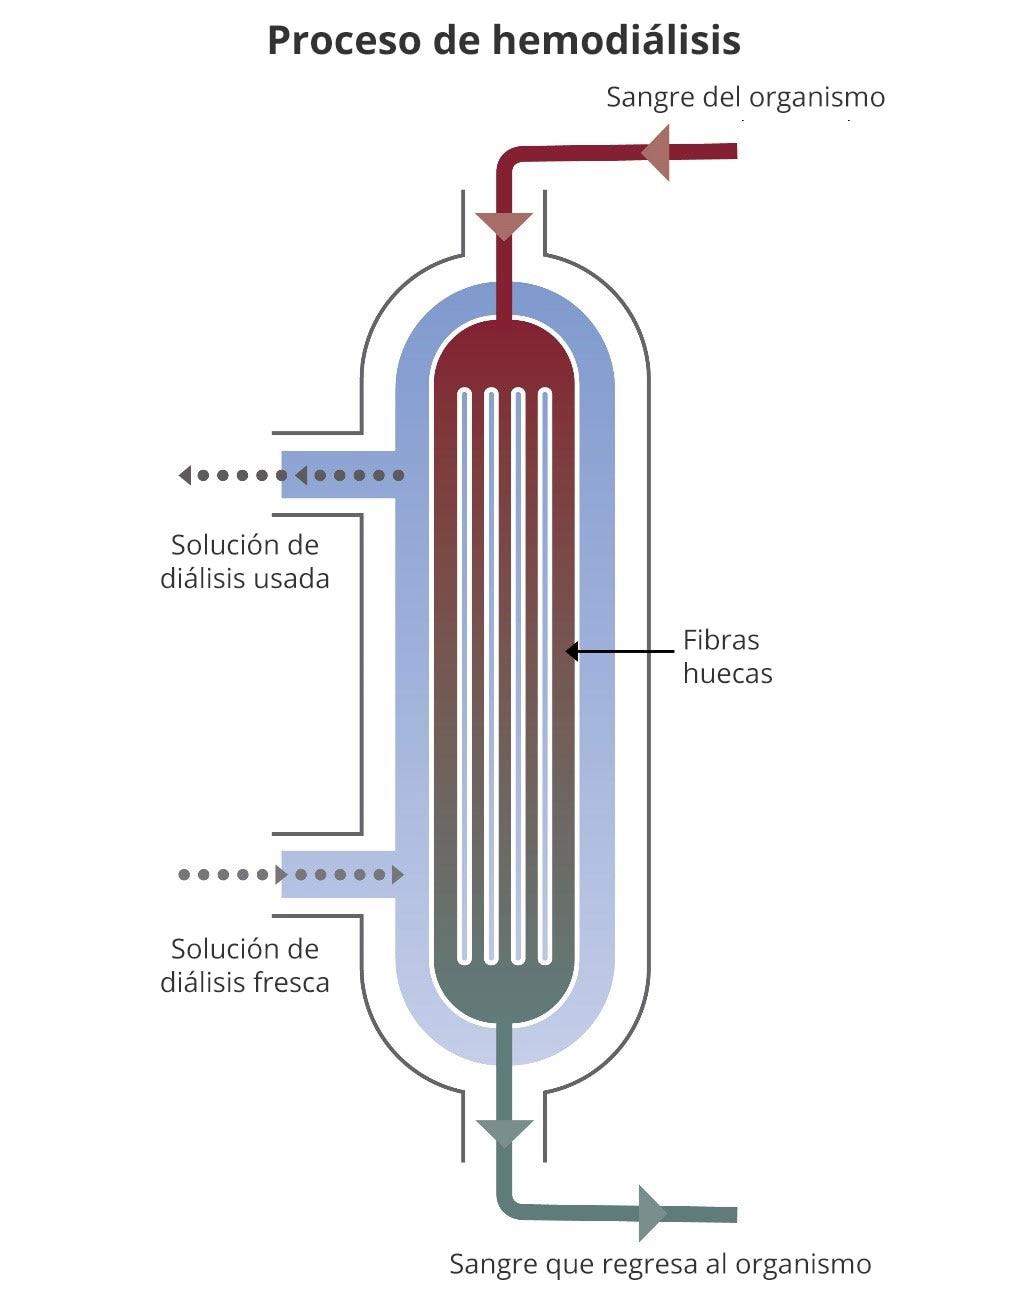 Diagrama del flujo sanguíneo desde la parte superior del dializador hasta la parte inferior. La solución de diálisis fluye en dirección opuesta, de abajo hacia arriba. La sección transversal muestra fibras huecas dentro del dializador, donde pasan las toxinas de la sangre a la solución.